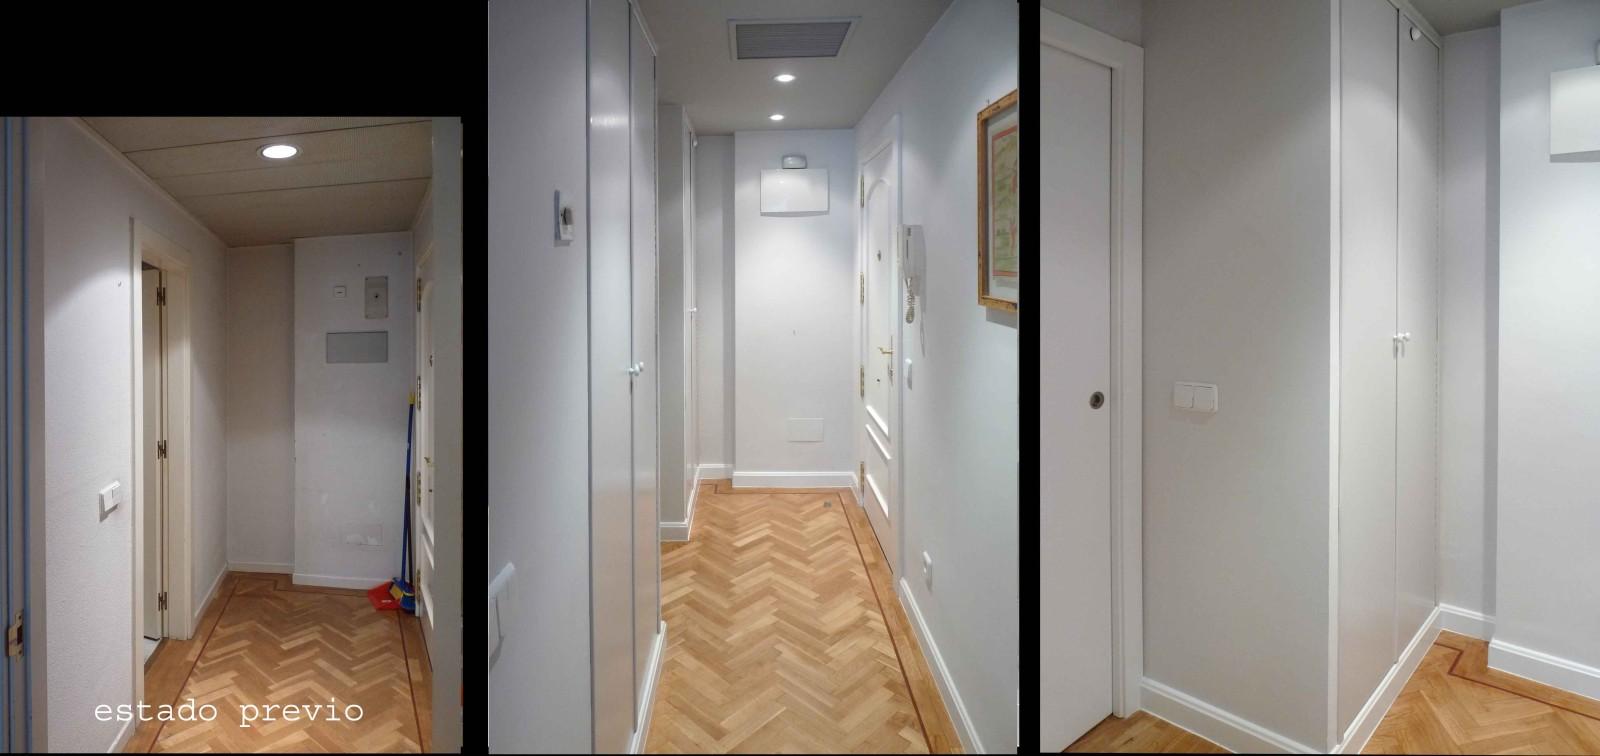 En el recibidor se construyeron dos armarios empotrados.